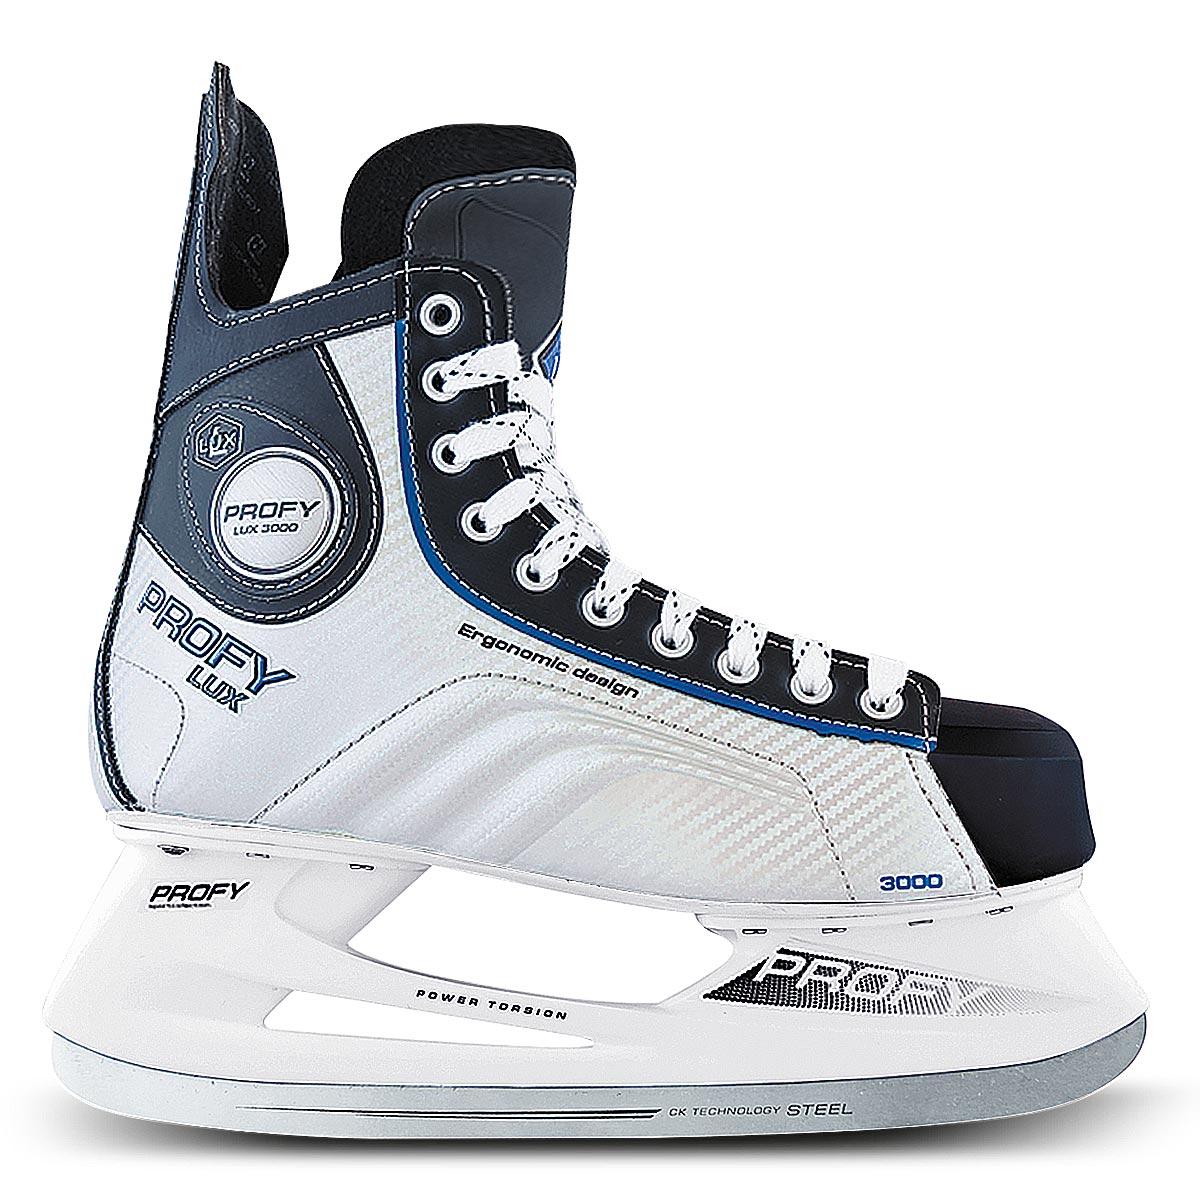 Коньки хоккейные мужские СК Profy Lux 3000, цвет: черный, серебряный, синий. Размер 43